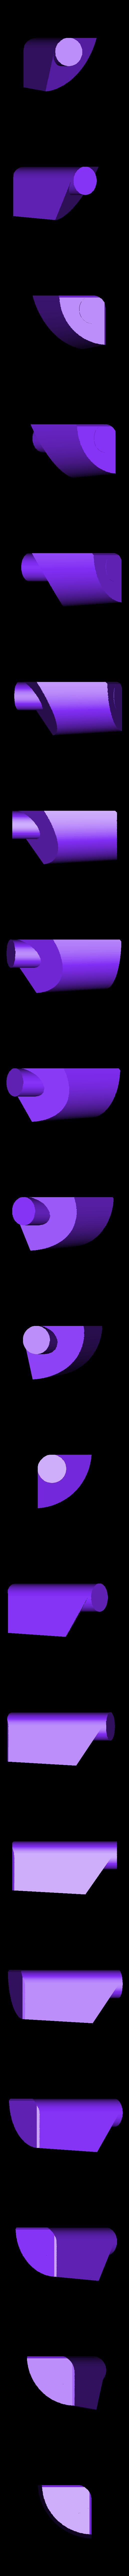 4xBottle_0.20res_vase-mode.stl Télécharger fichier STL gratuit Boîtes de chewing-gum pour porte-gobelet de voiture • Plan pour impression 3D, stibo